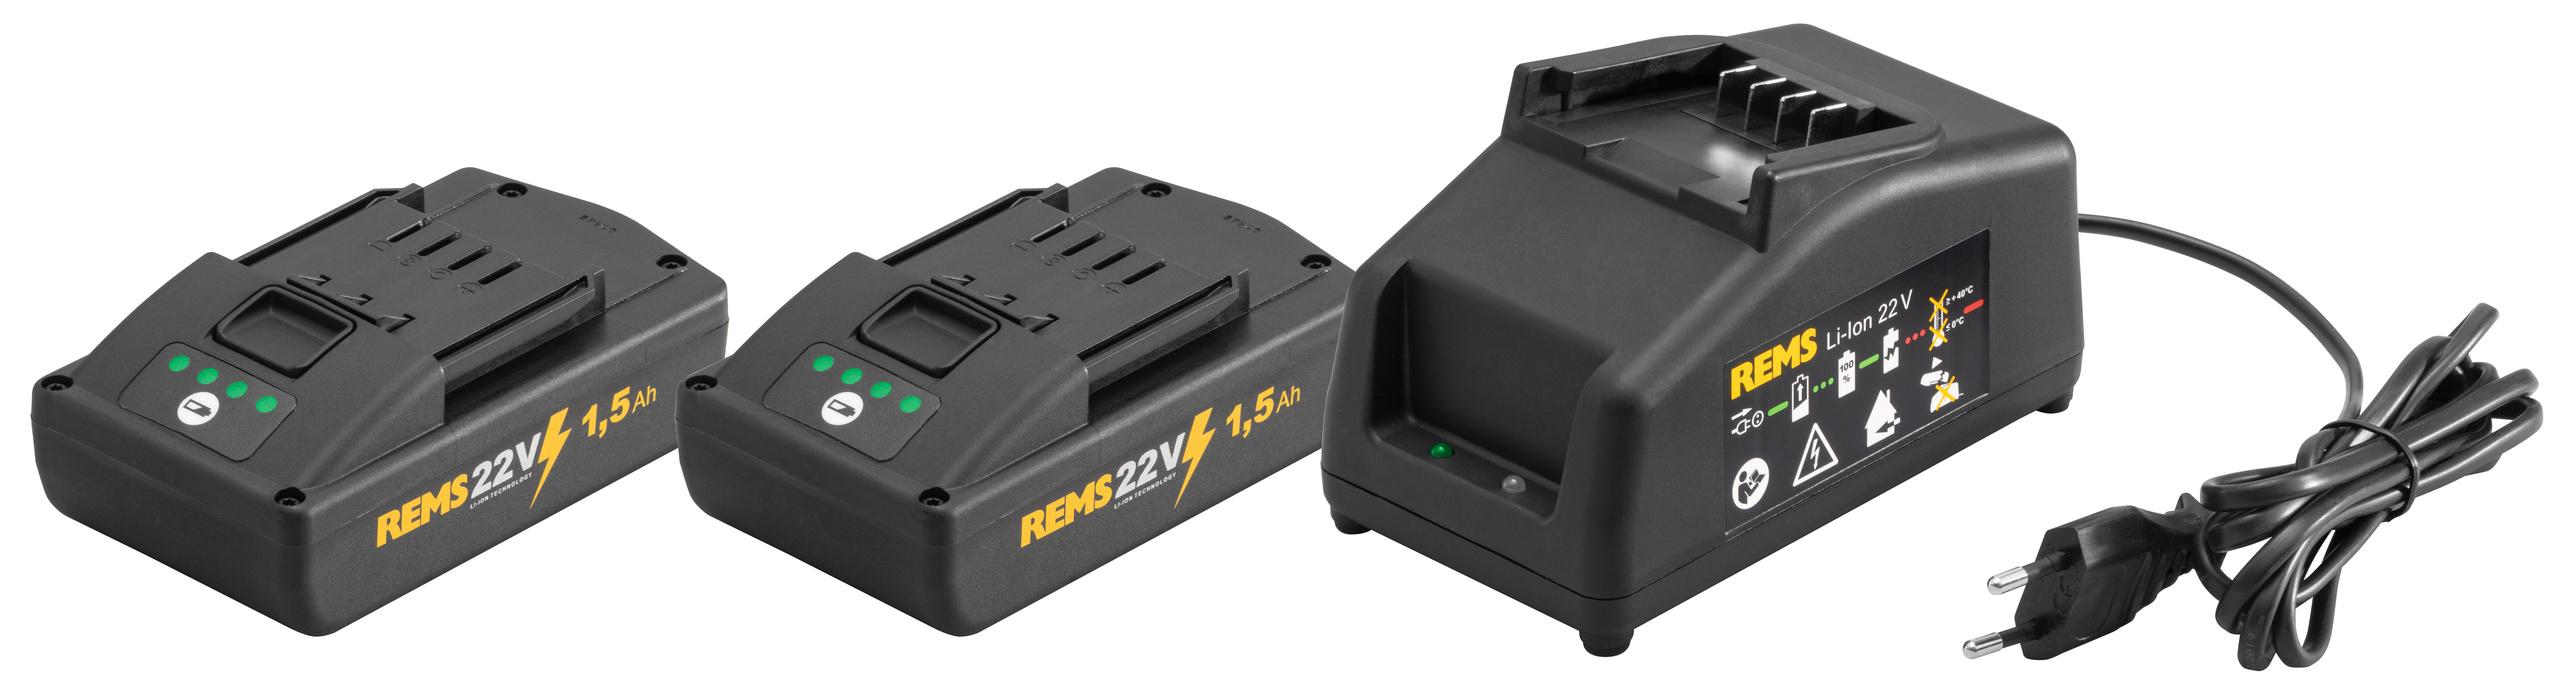 <br/>REMS Power-Pack 22V, 1,5Ah